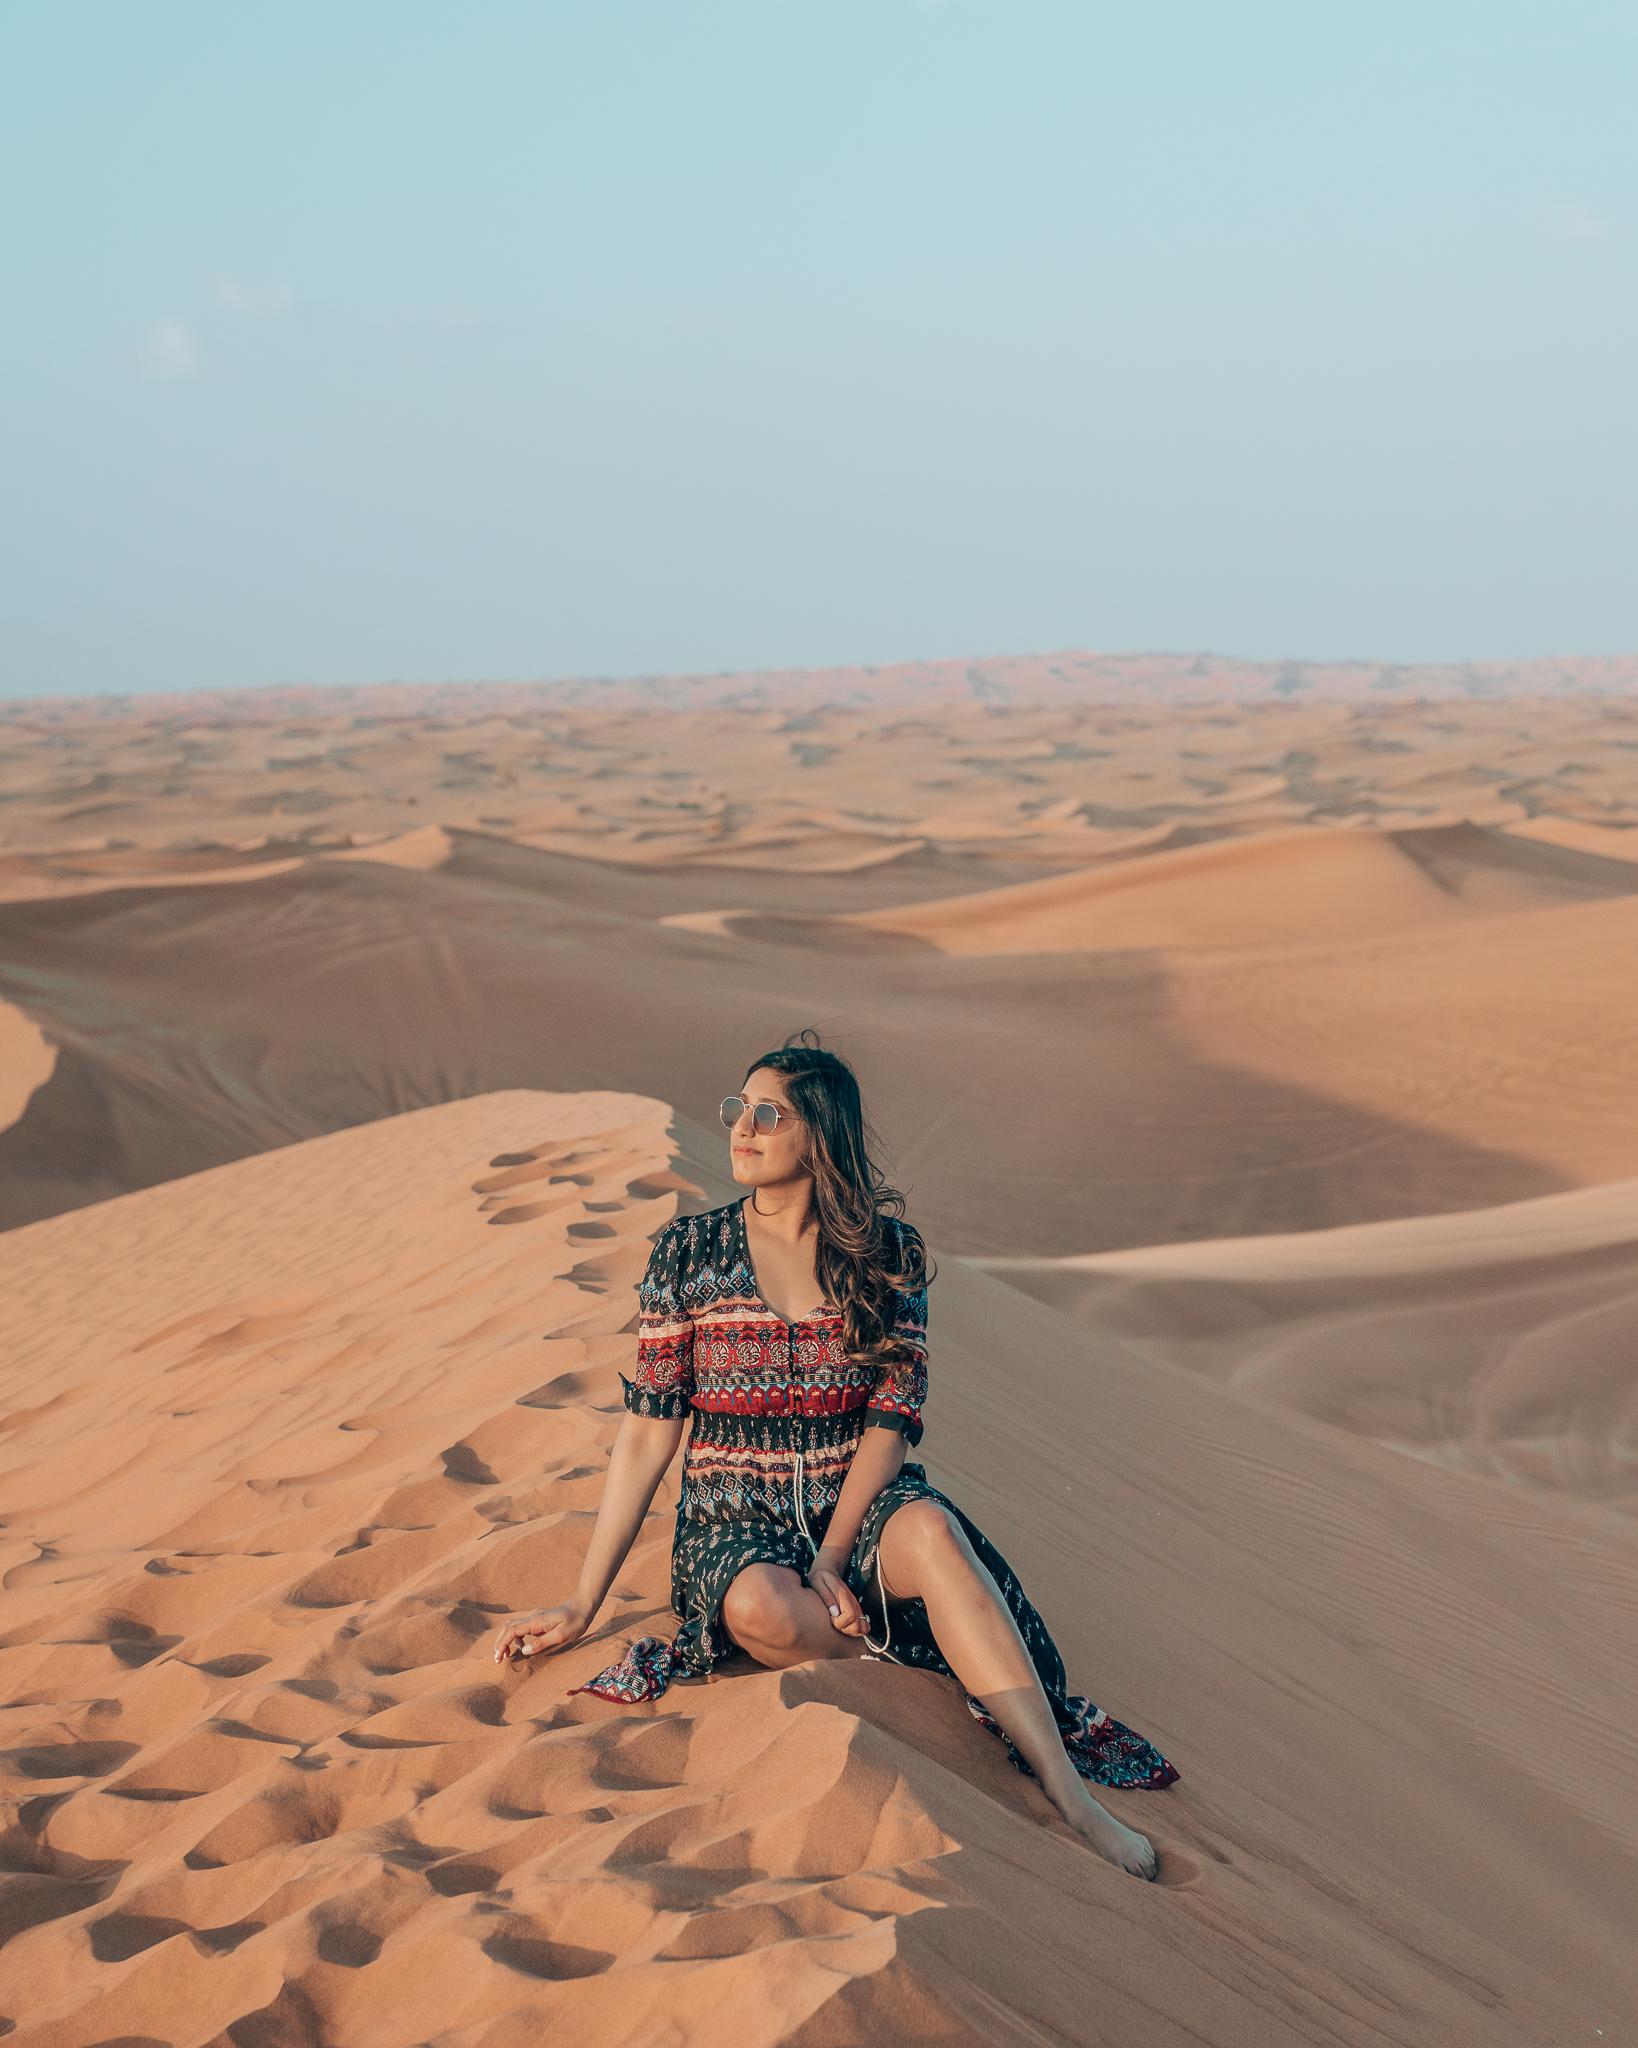 Red Sand Dunes, Dubai Desert Safari Tour, United Arab Emirates